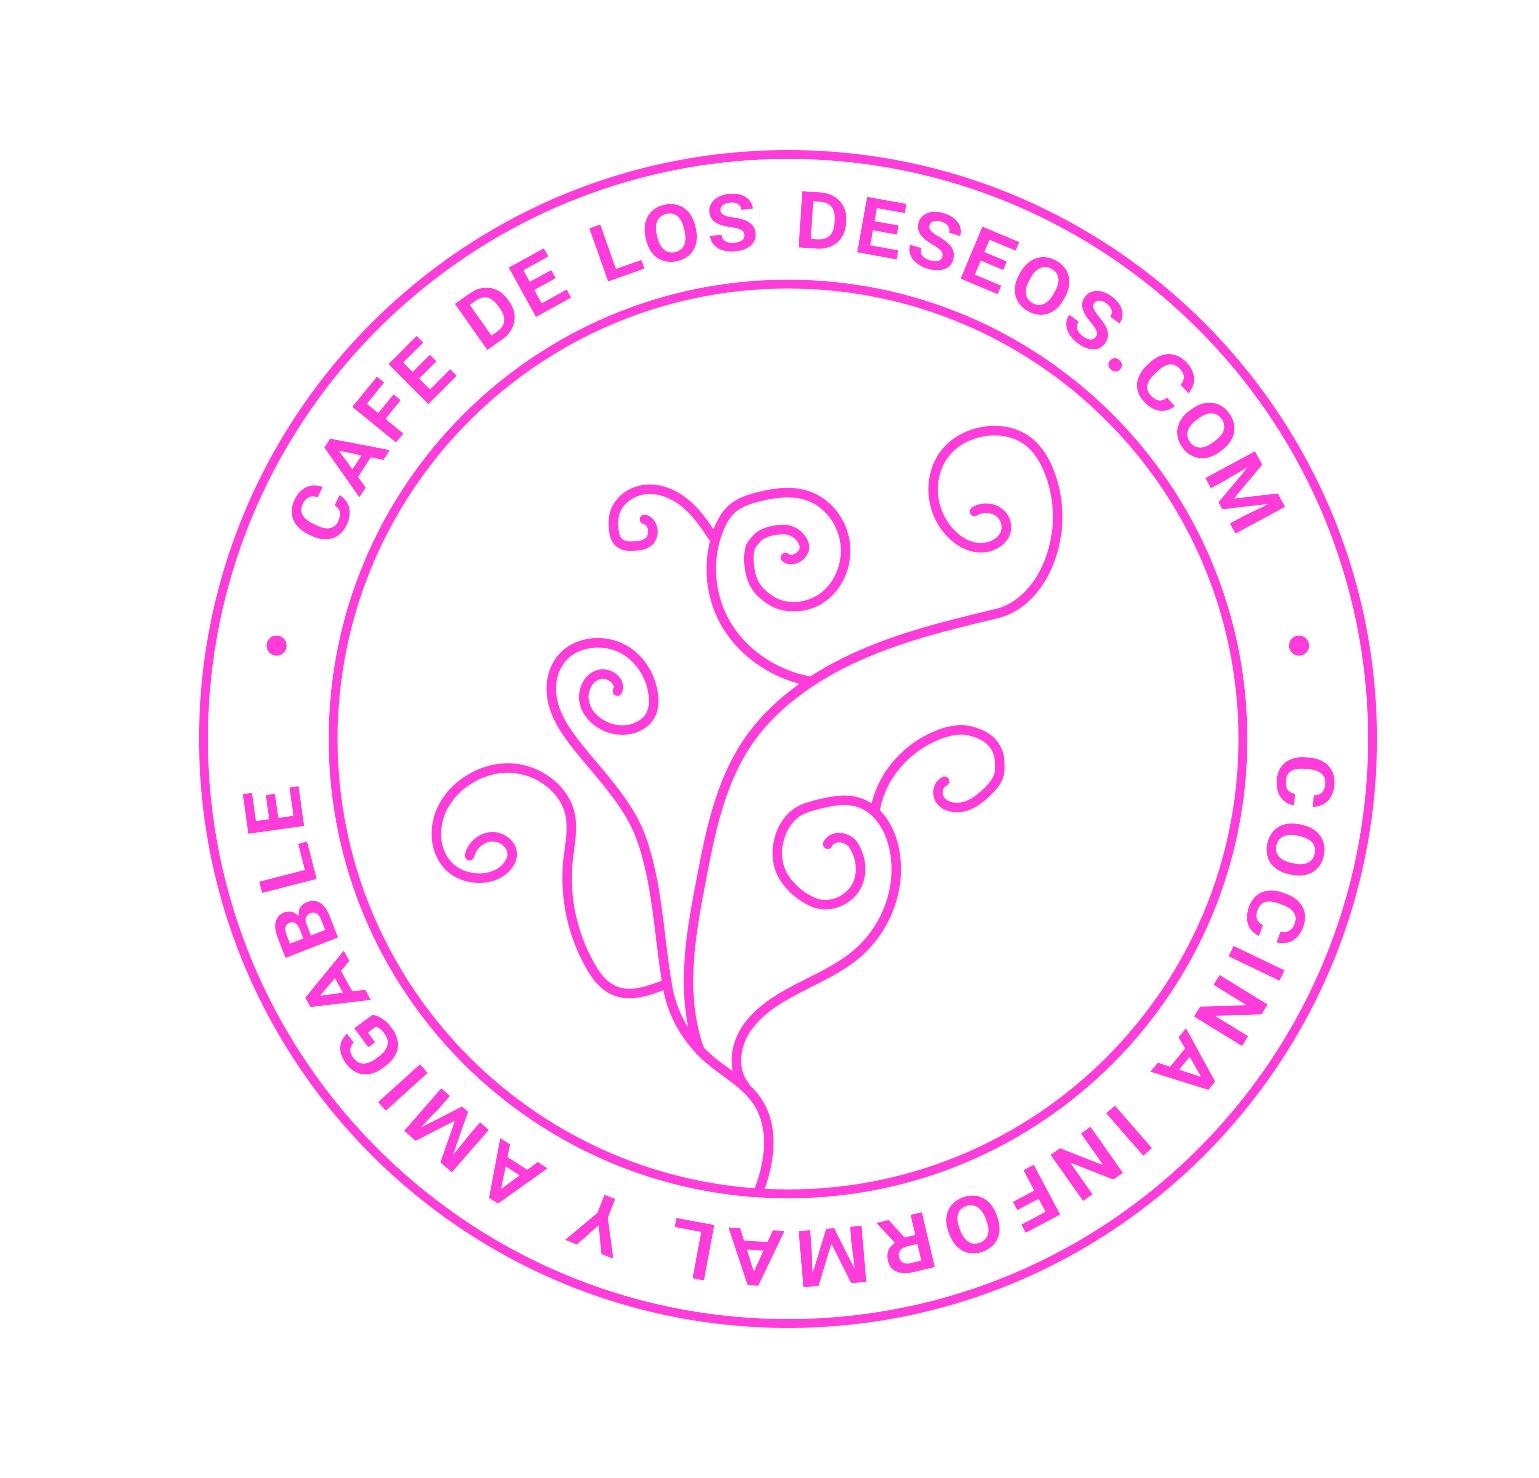 Café de los deseos logo